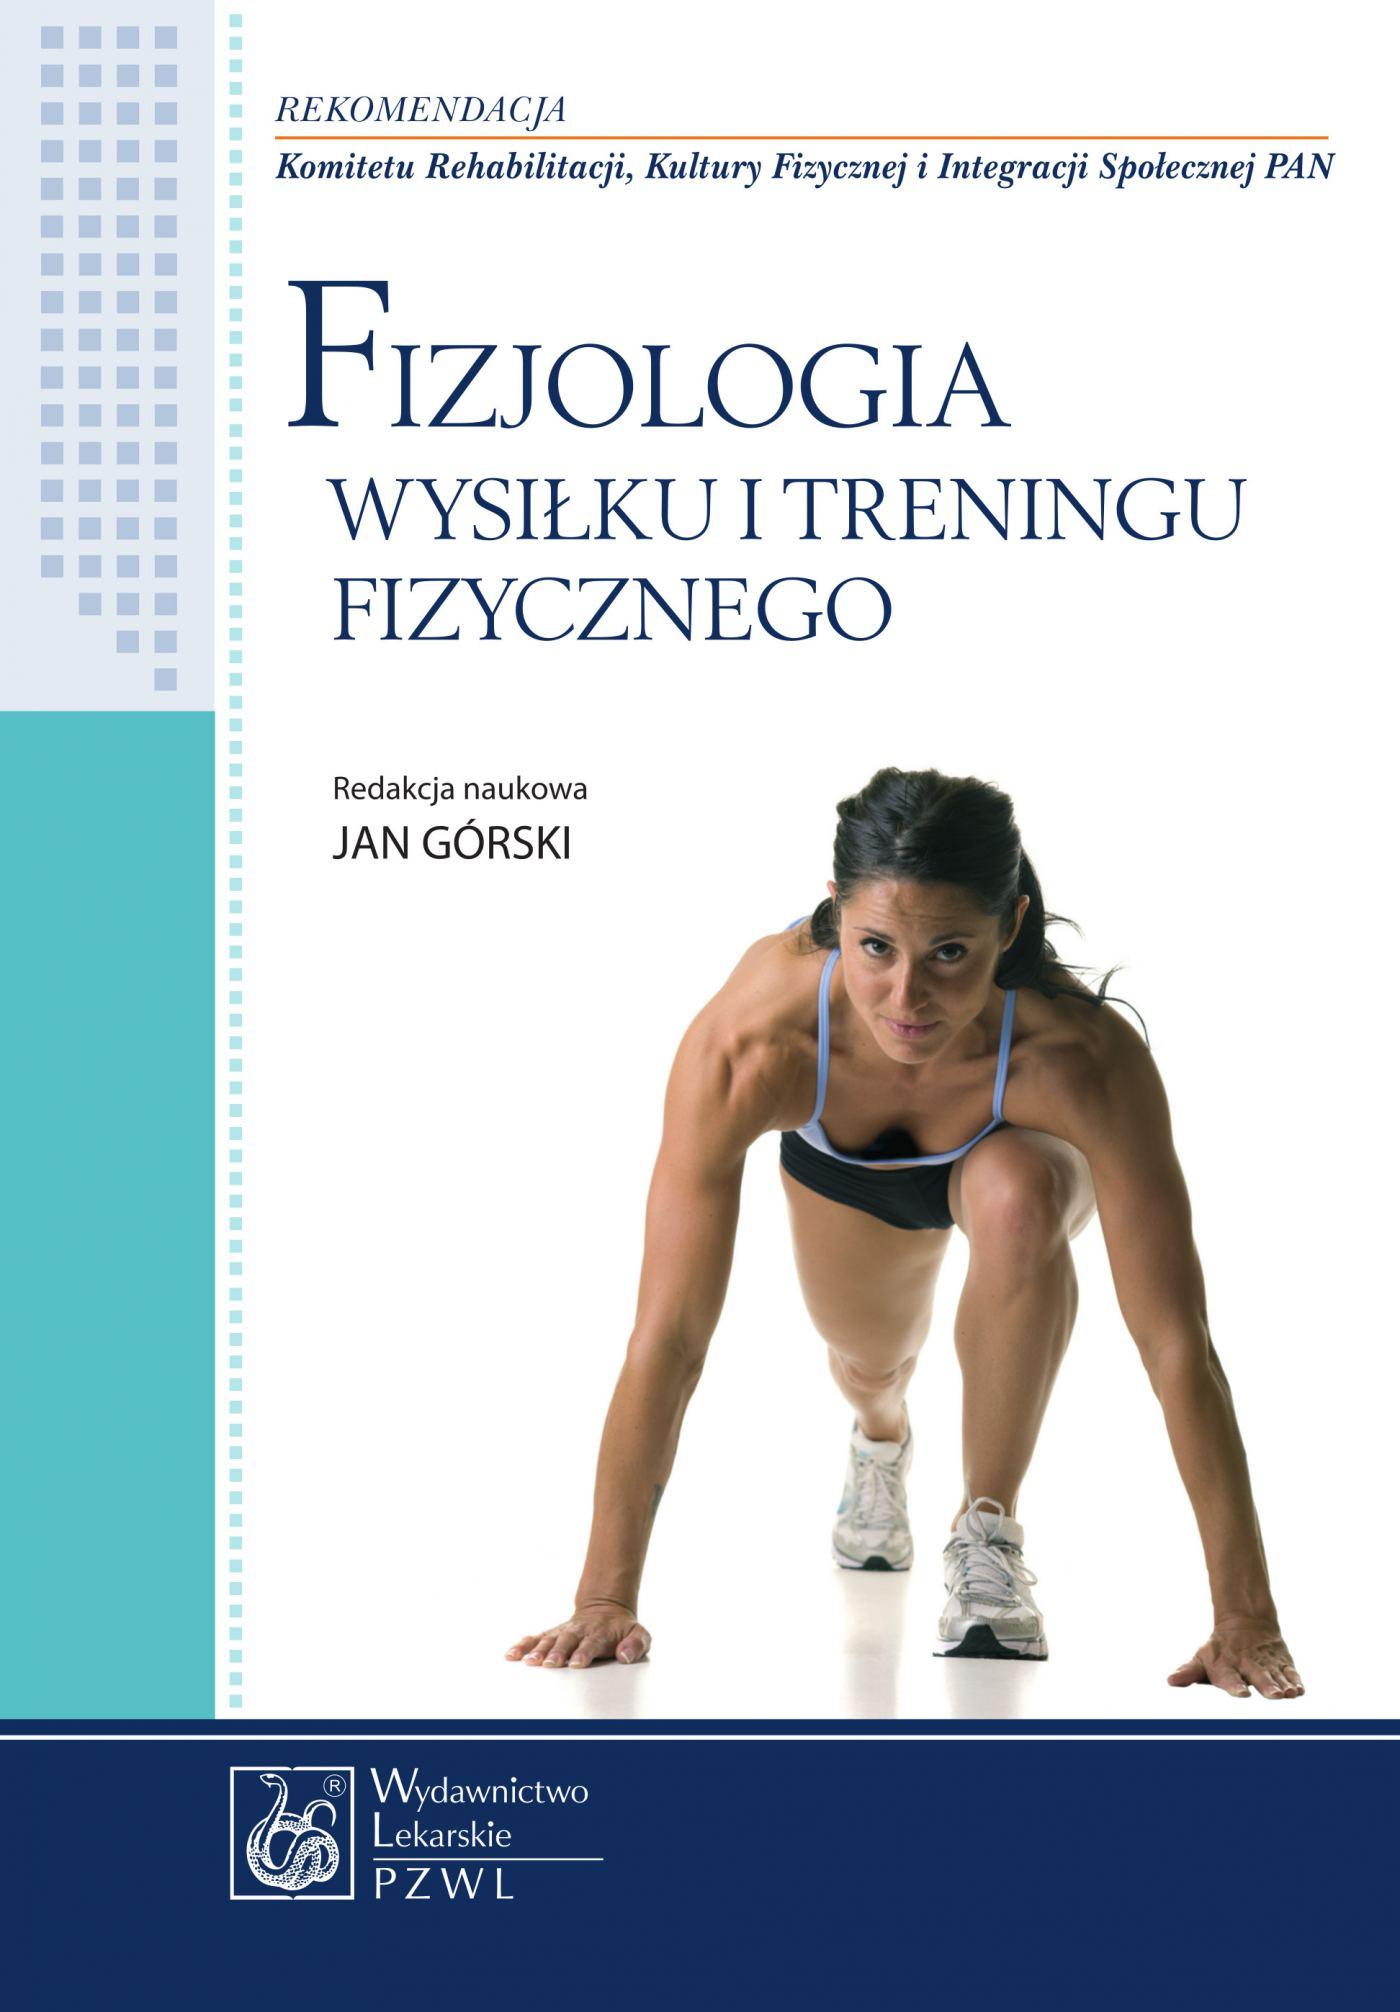 Fizjologia wysiłku i treningu fizycznego - Ebook (Książka na Kindle) do pobrania w formacie MOBI